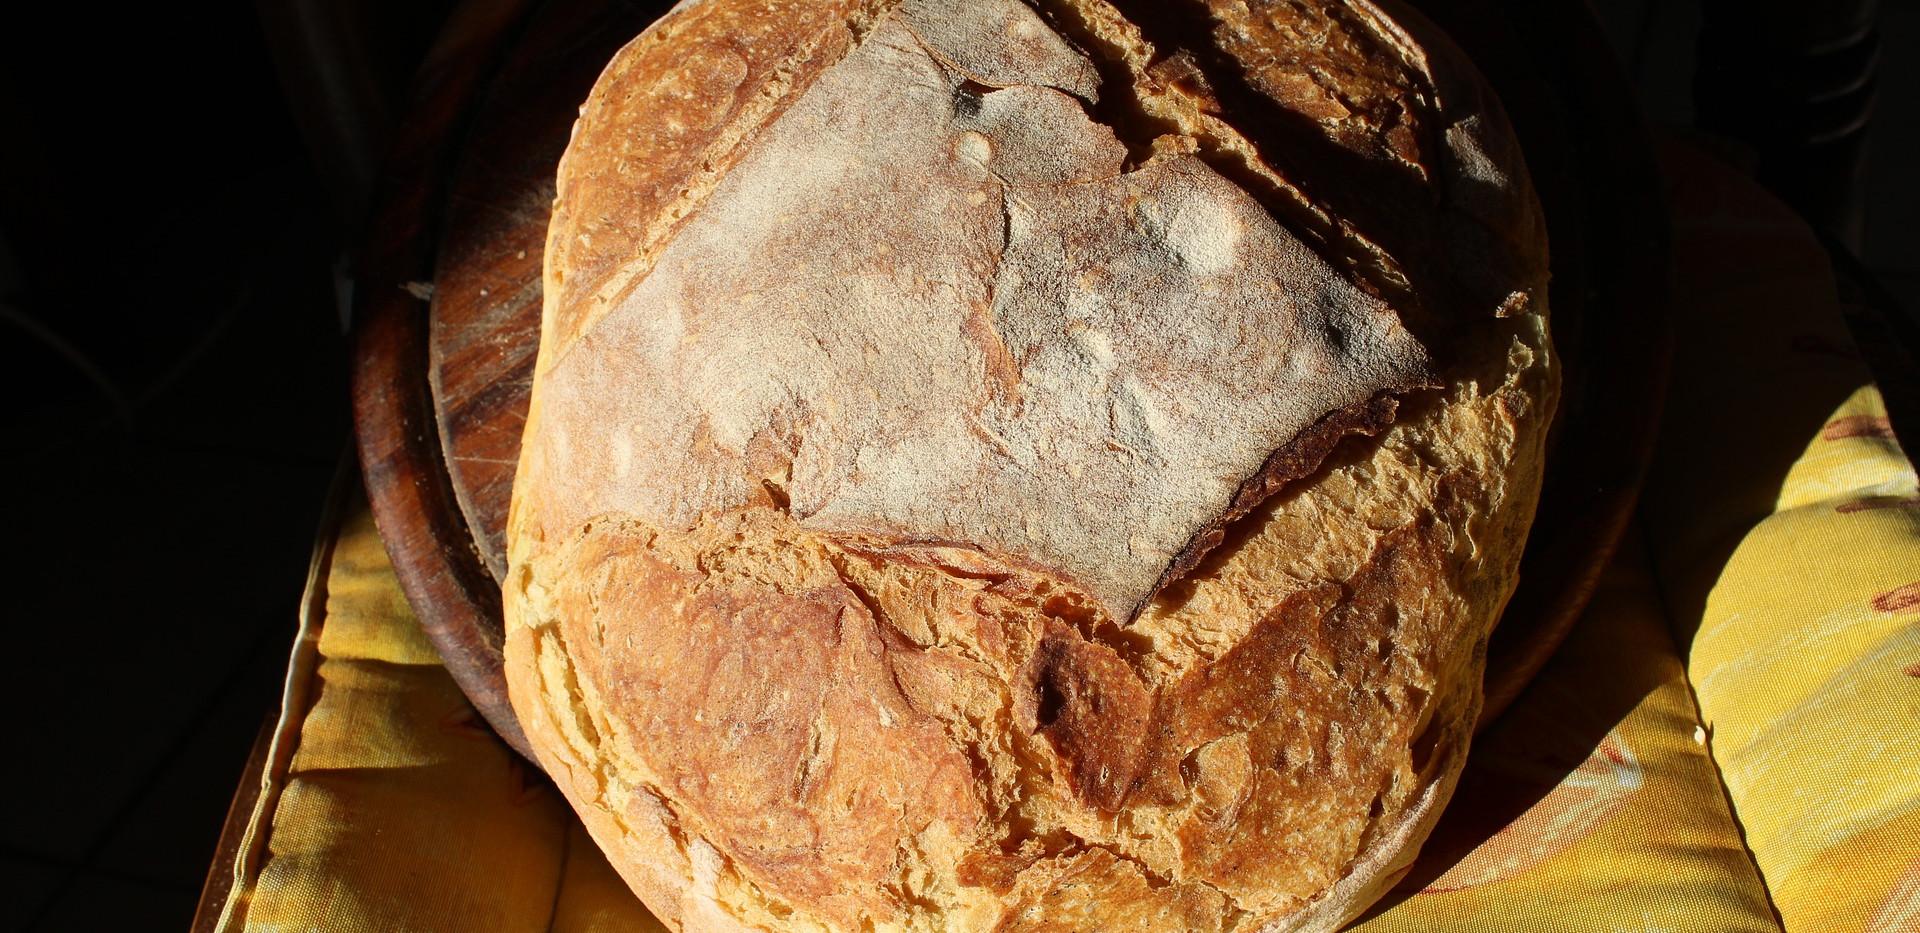 bread-1898442_1920.jpg